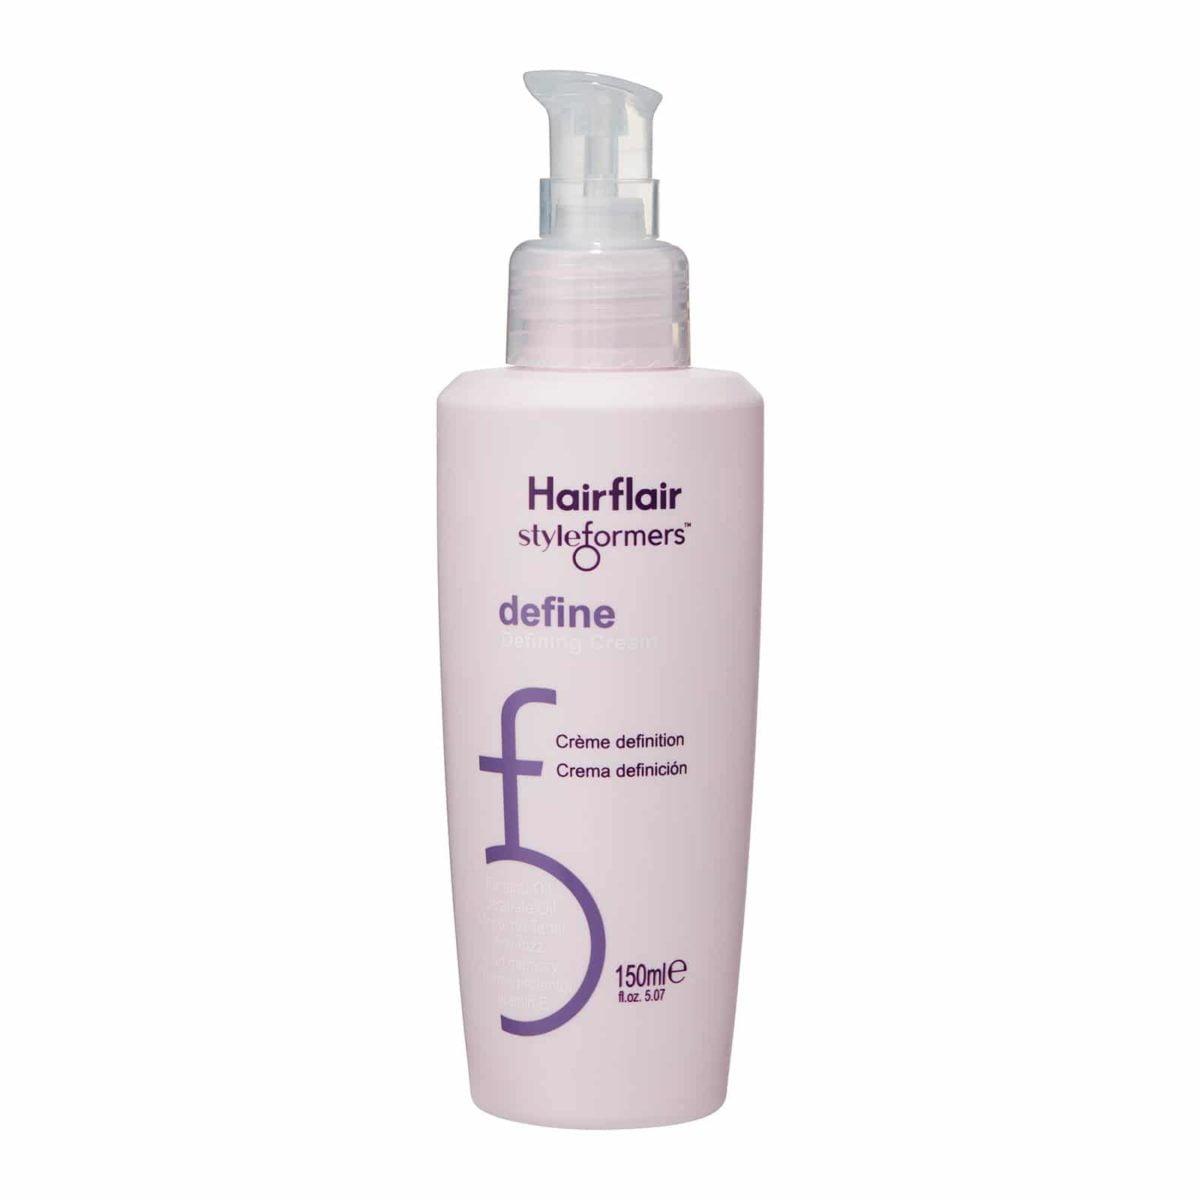 Hairflair Styleformers Define Cream